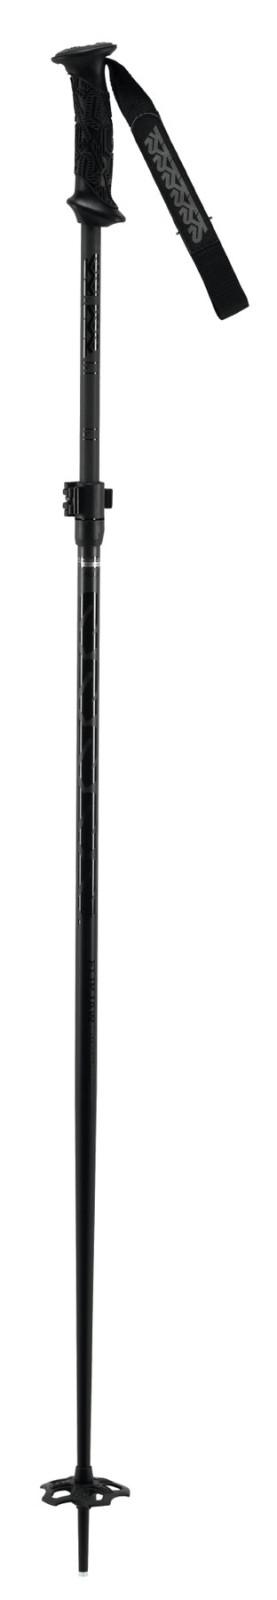 K2 FlipJaw 120 - černá